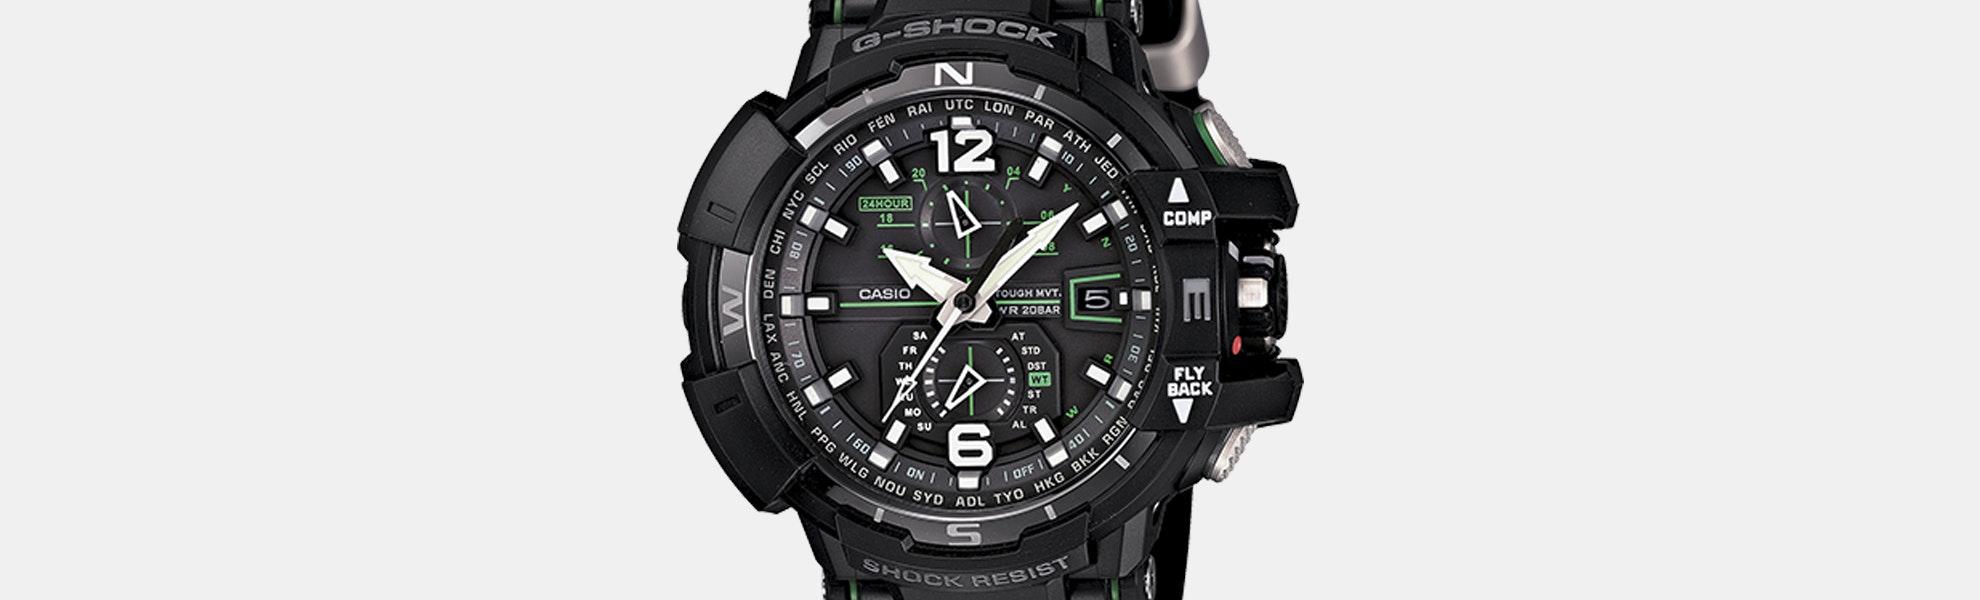 Casio G-Shock Gravity Defier Quartz Watch